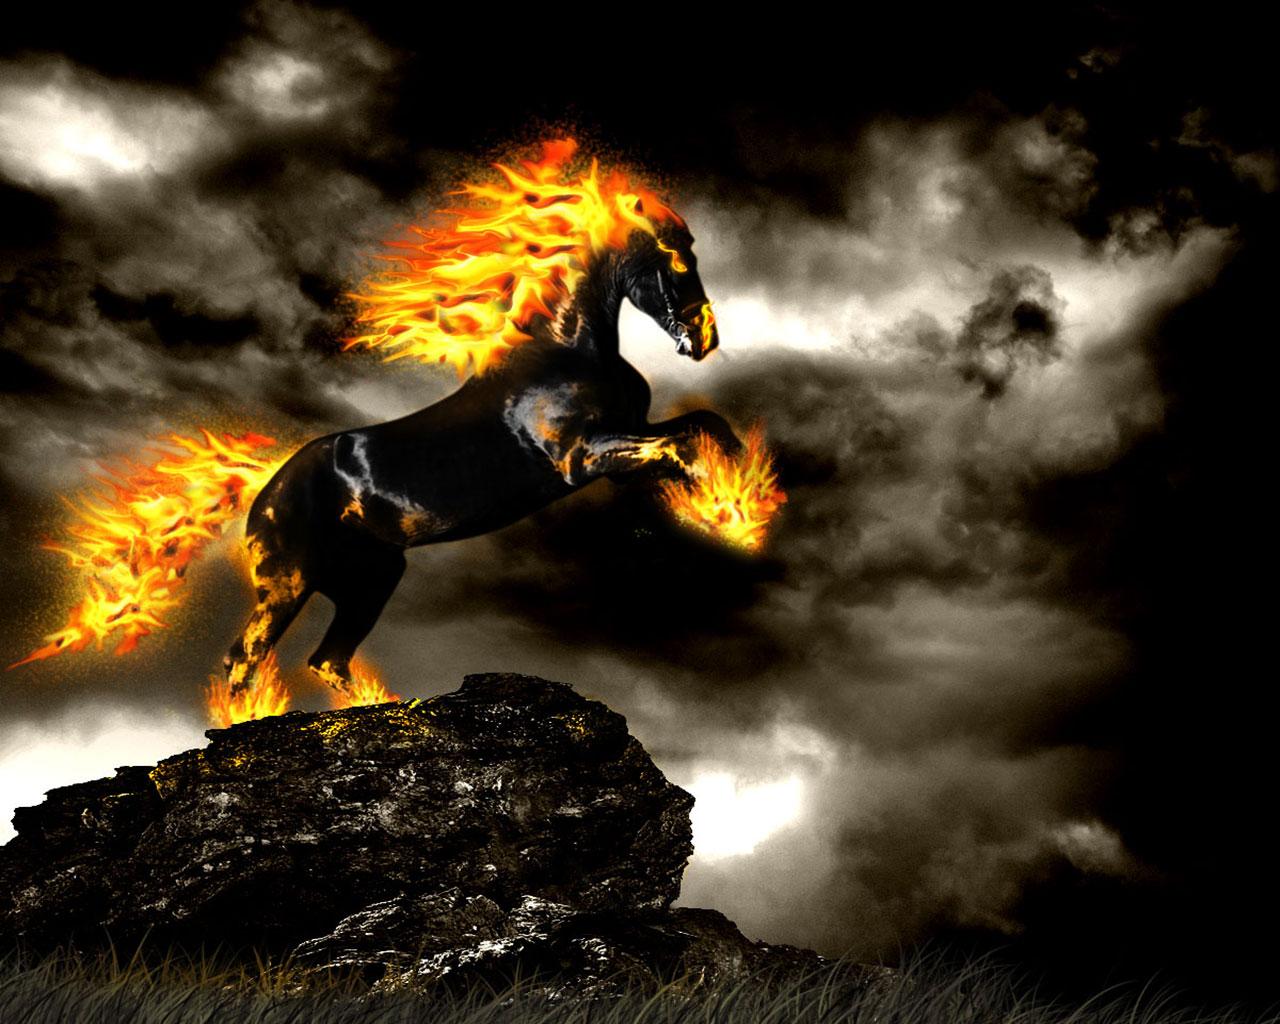 Fire Free Wallpaper Downloads: Fire Horse Wallpaper HD